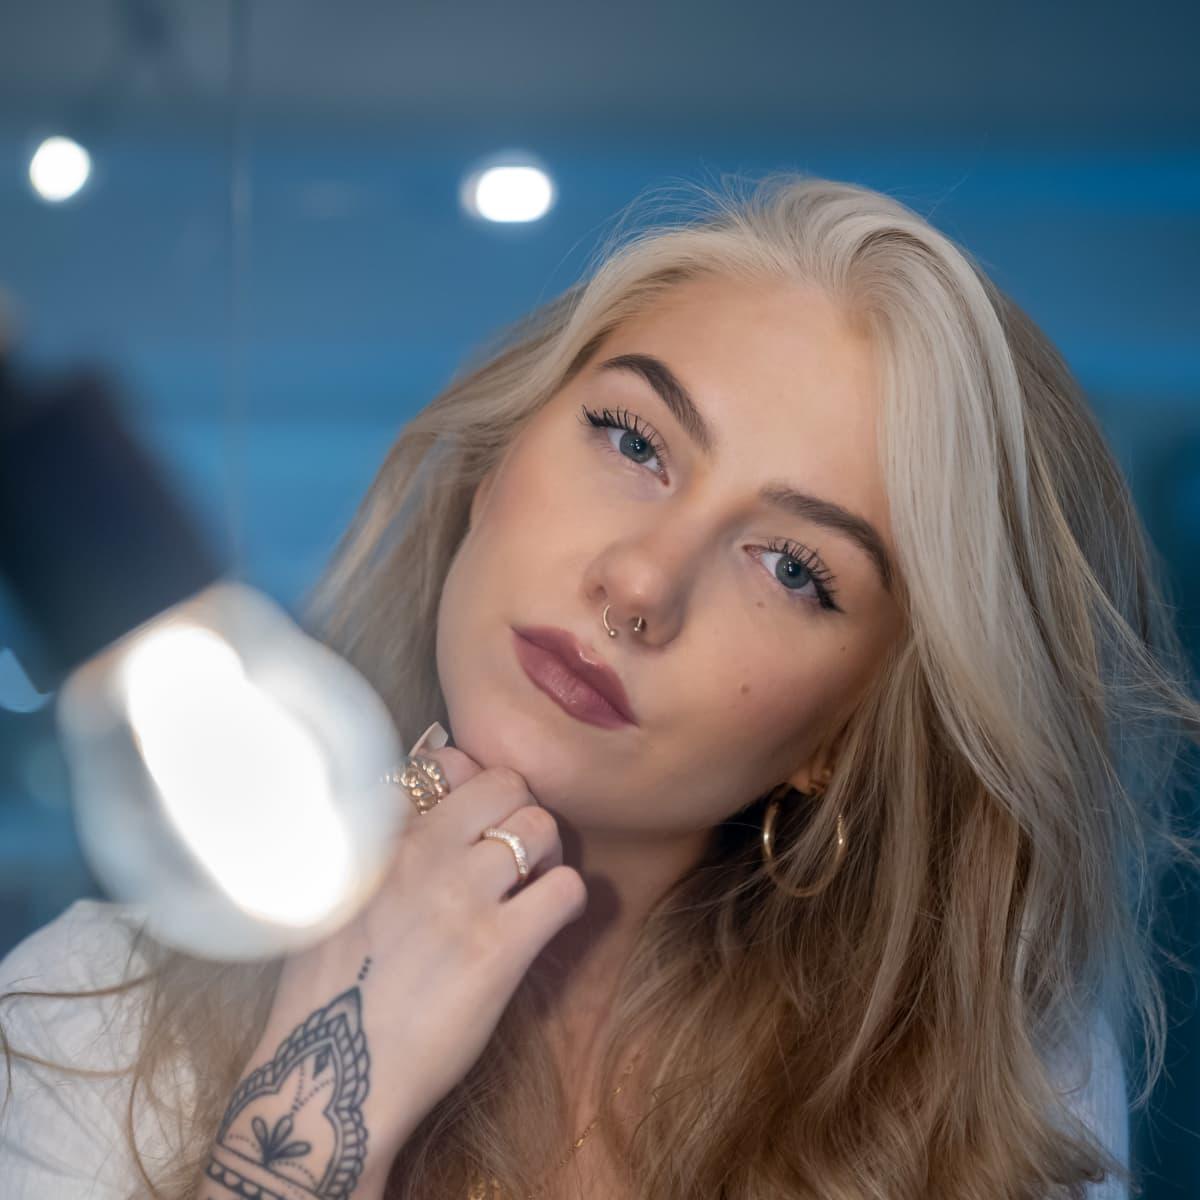 Suomalainen laulaja ja lauluntekijä Evelina, Universal Music, Helsinki, 28.9.2020.